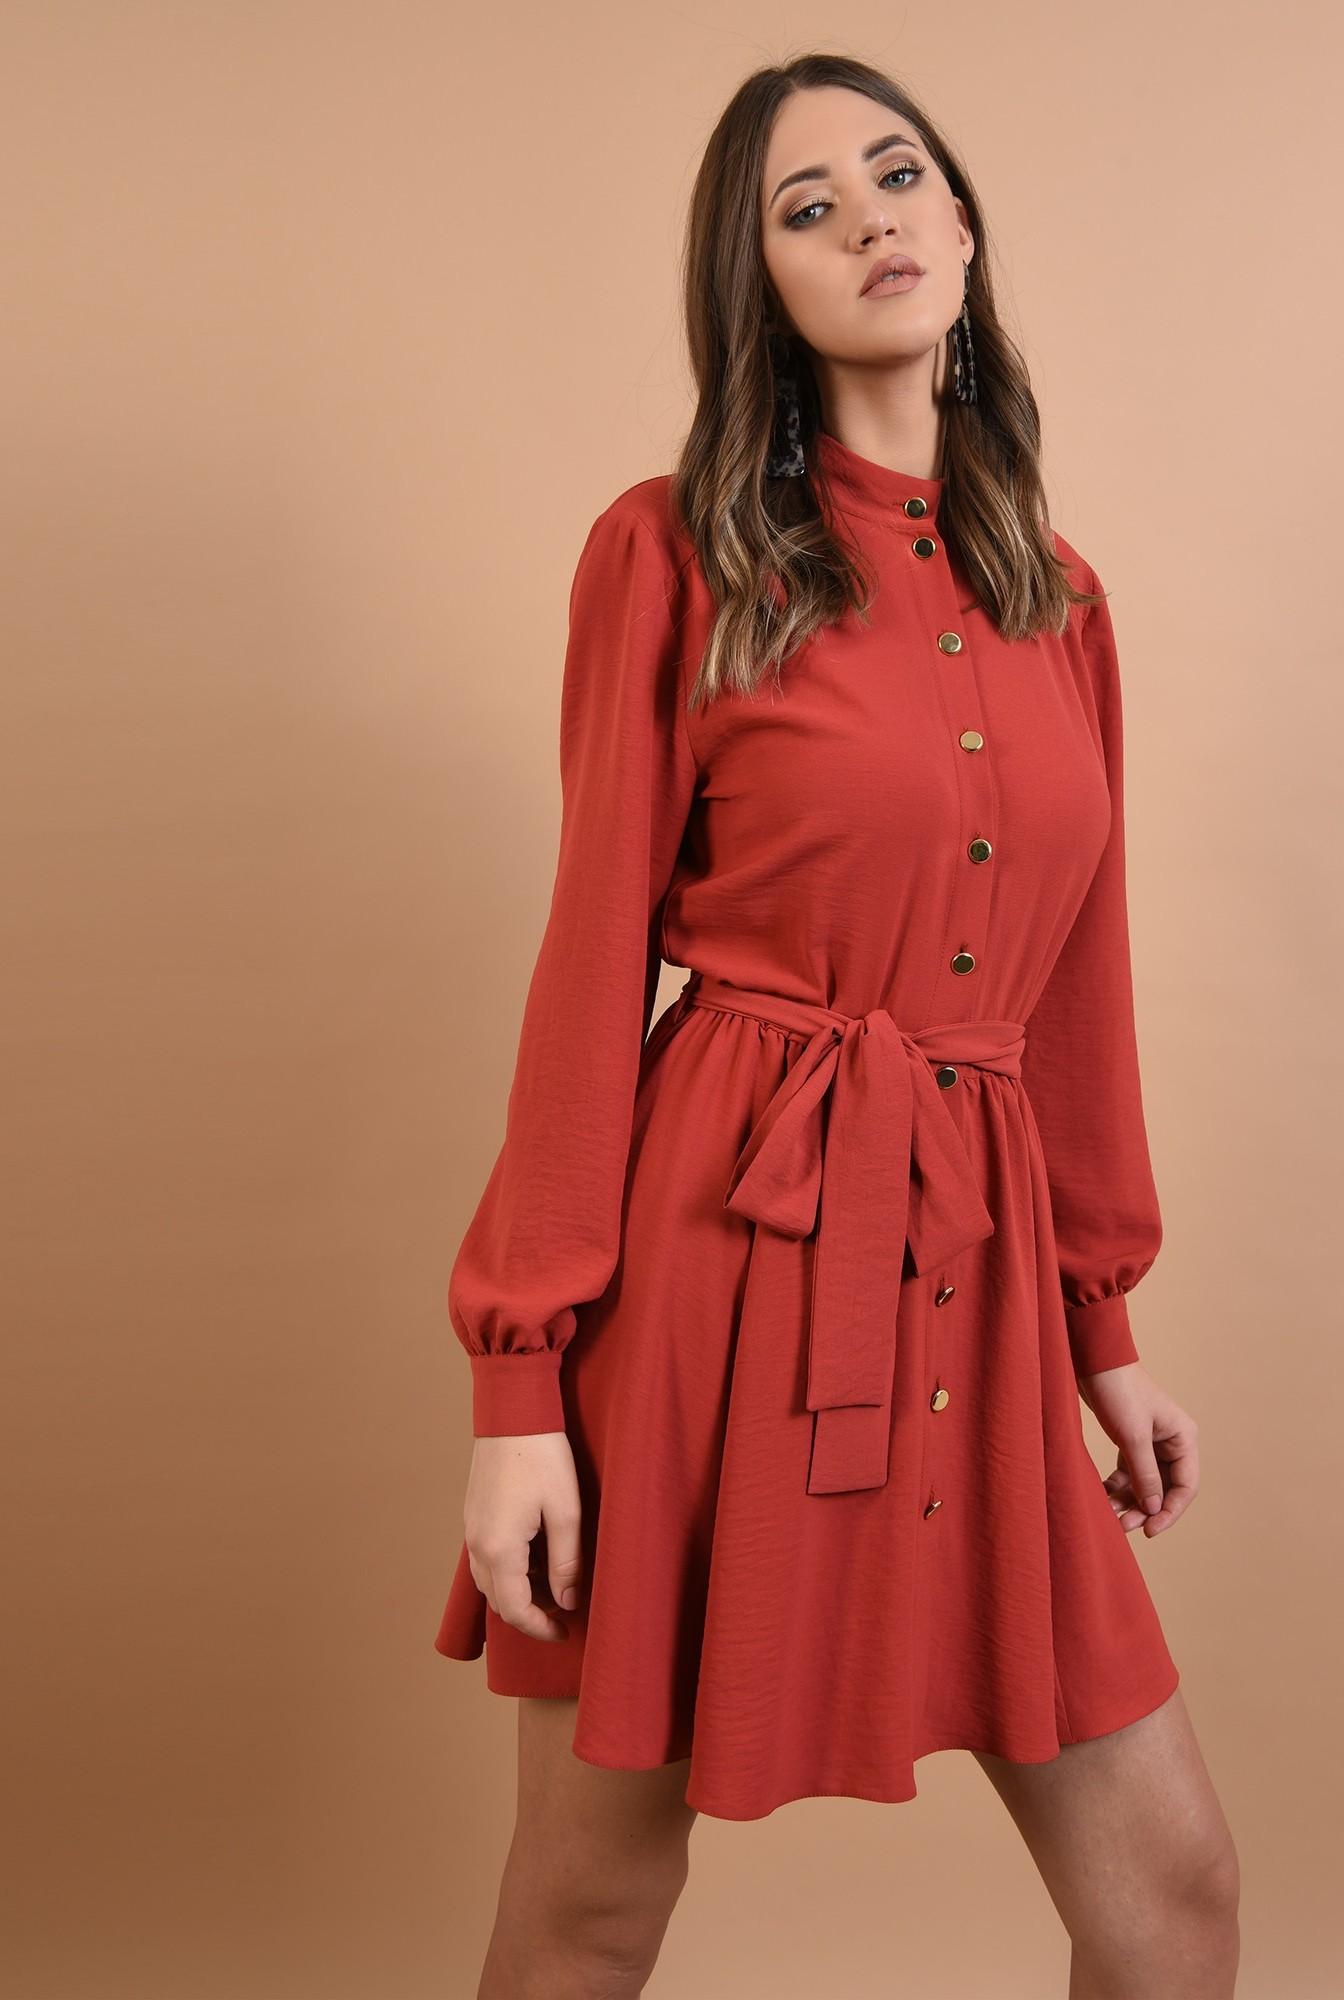 rochie rosu, casual, croi clos, cu cordon, nasturi aurii